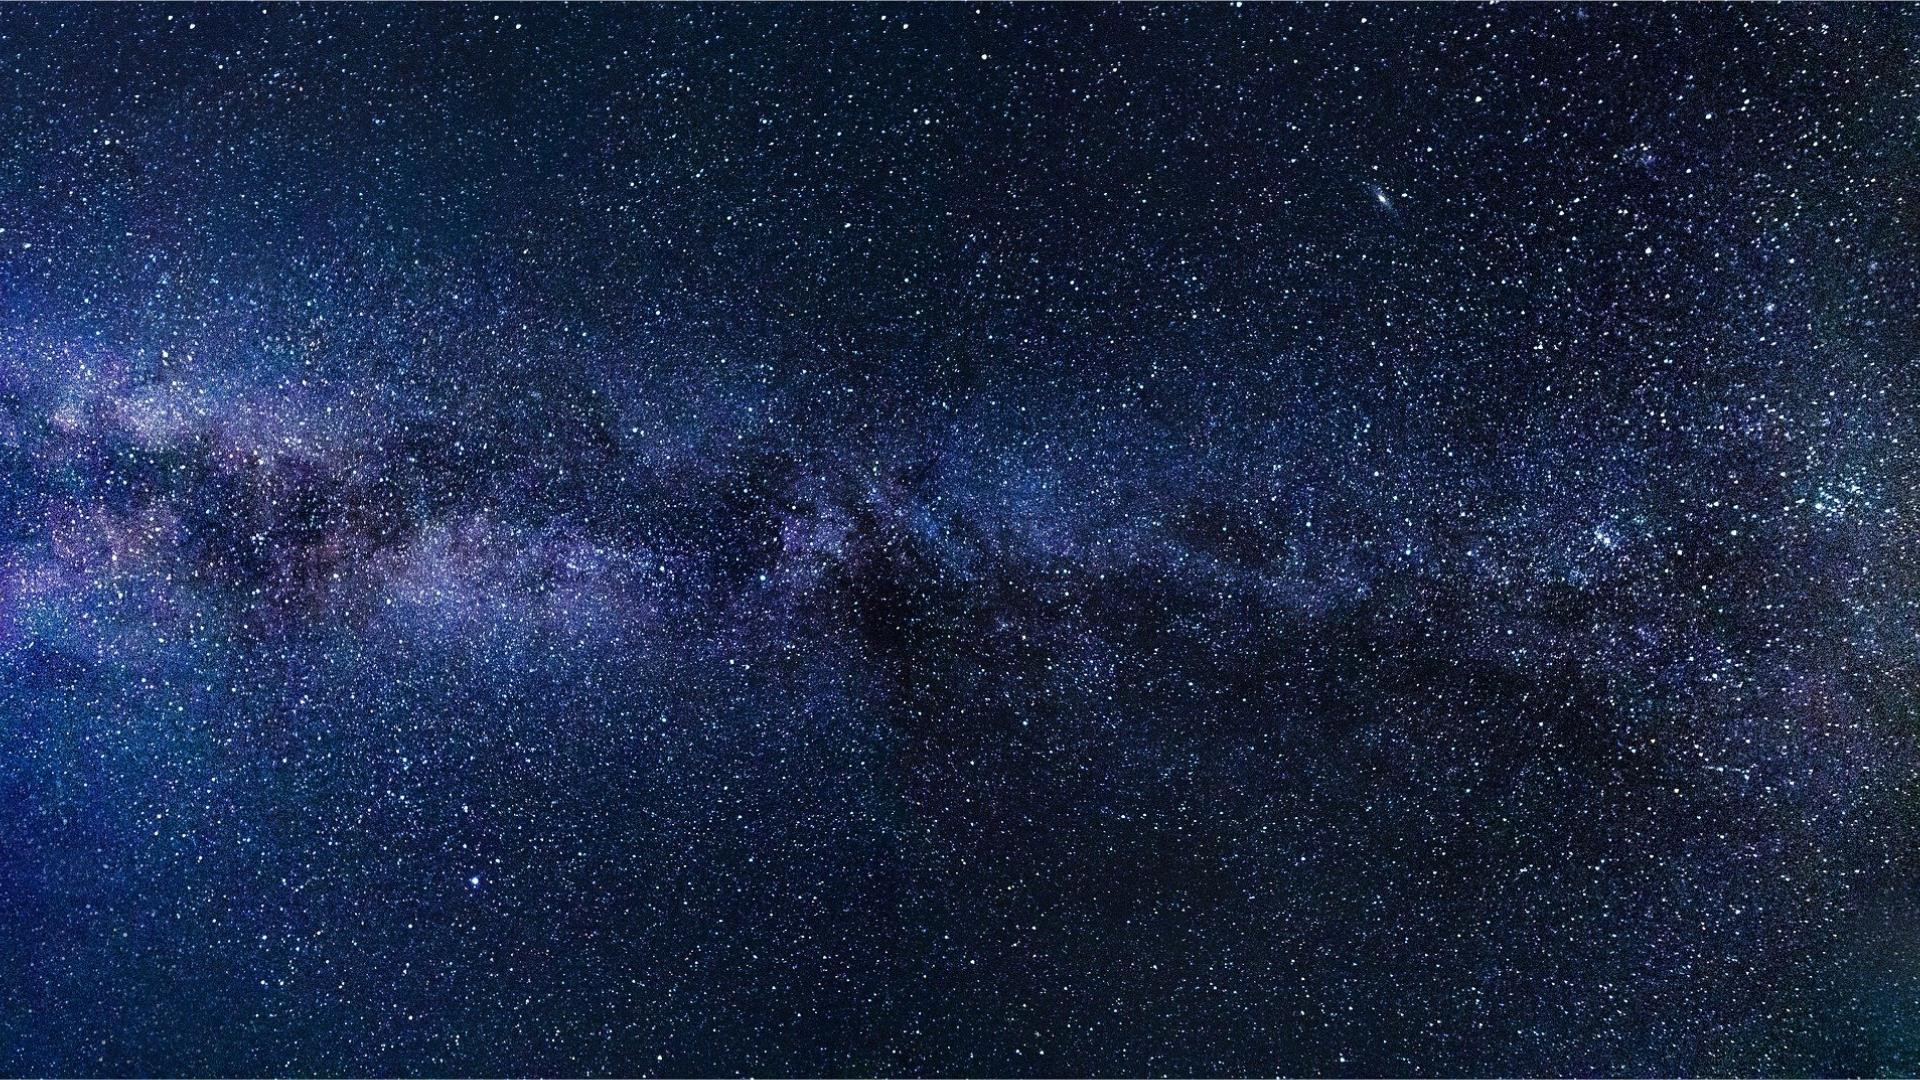 Miki Way Sky 1920 1080 Fotografi Langit Galaksi Bima Sakti Langit Malam